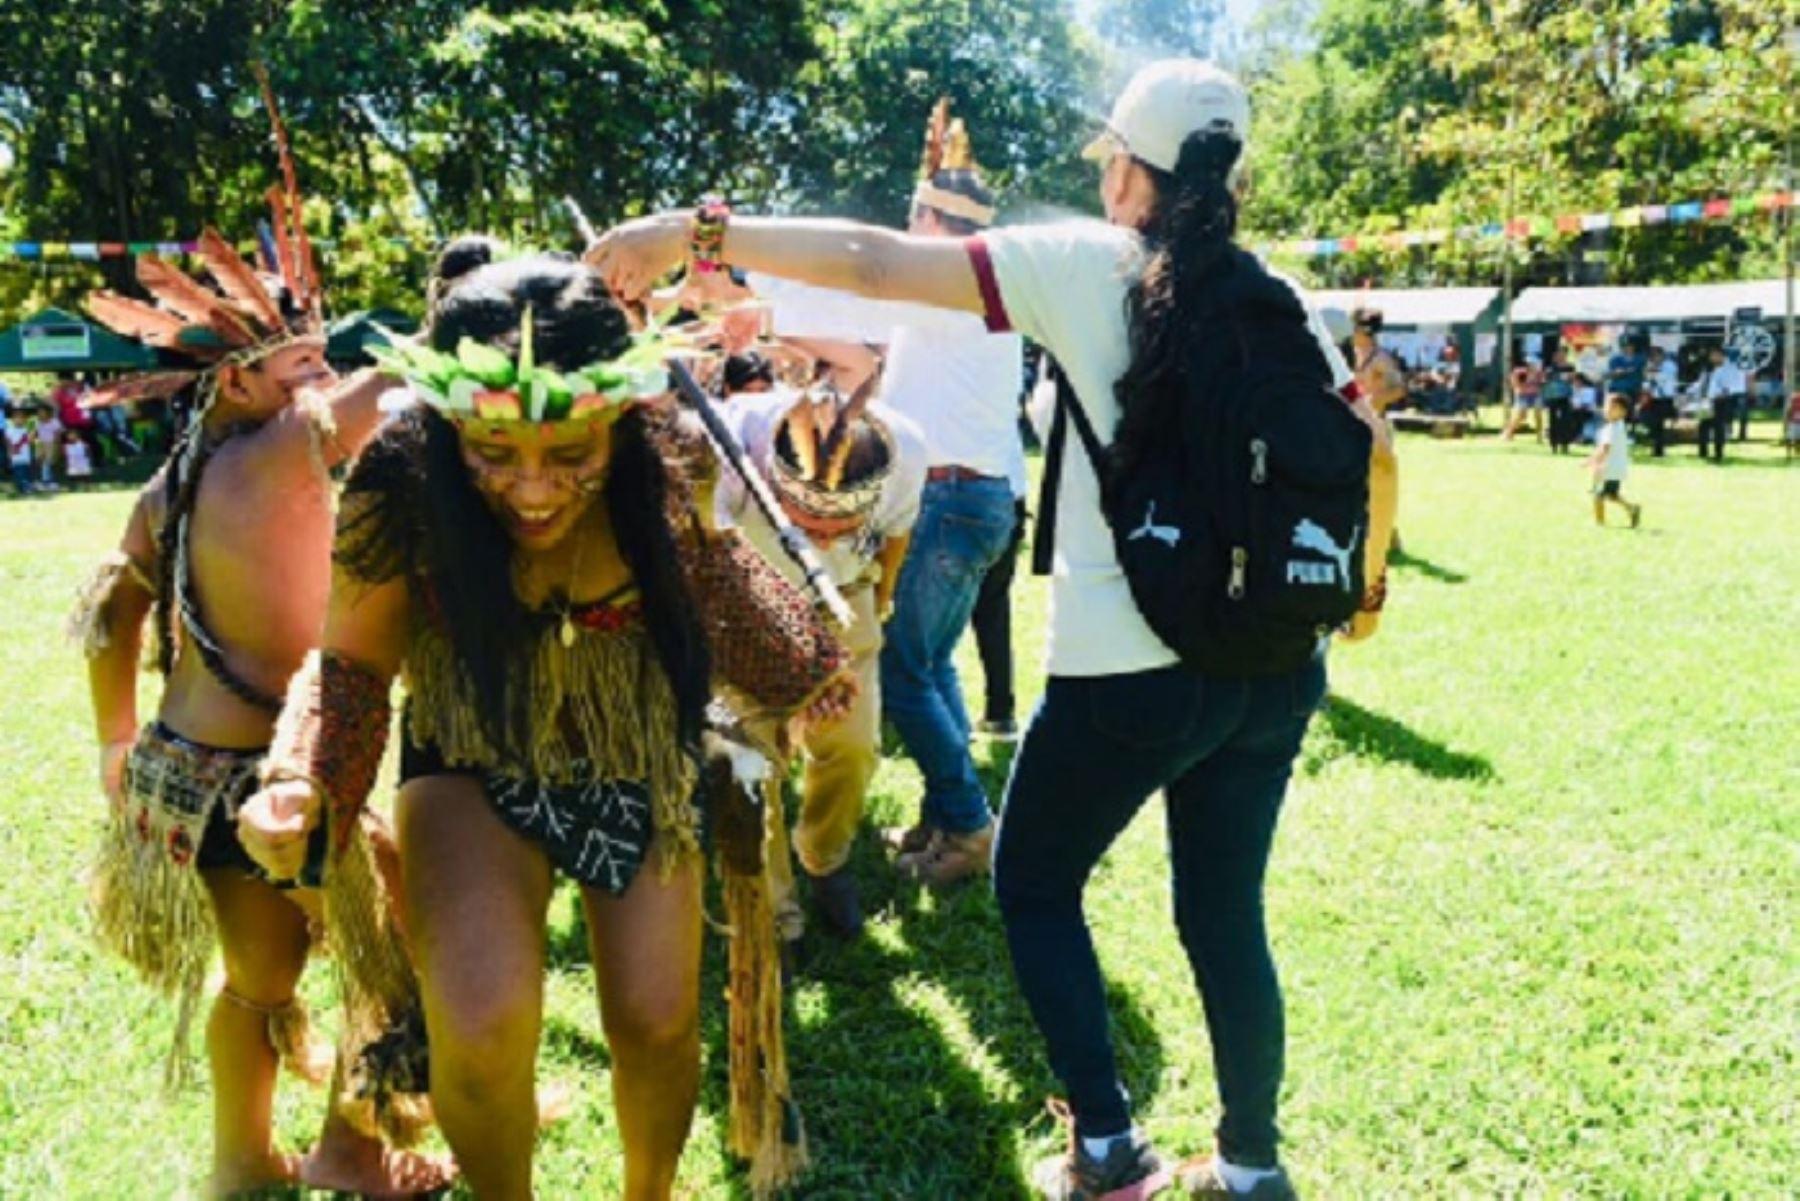 """Madre de Dios continúa celebrando con gran algarabía la Fiesta de la Selva, denominación dada a la tradicional conmemoración de San Juan, patrono de la Amazonía peruana, por ser dicha región """"Capital de la Biodiversidad del Perú"""", y busca revalorar los valores ancestrales y culturales que posee."""